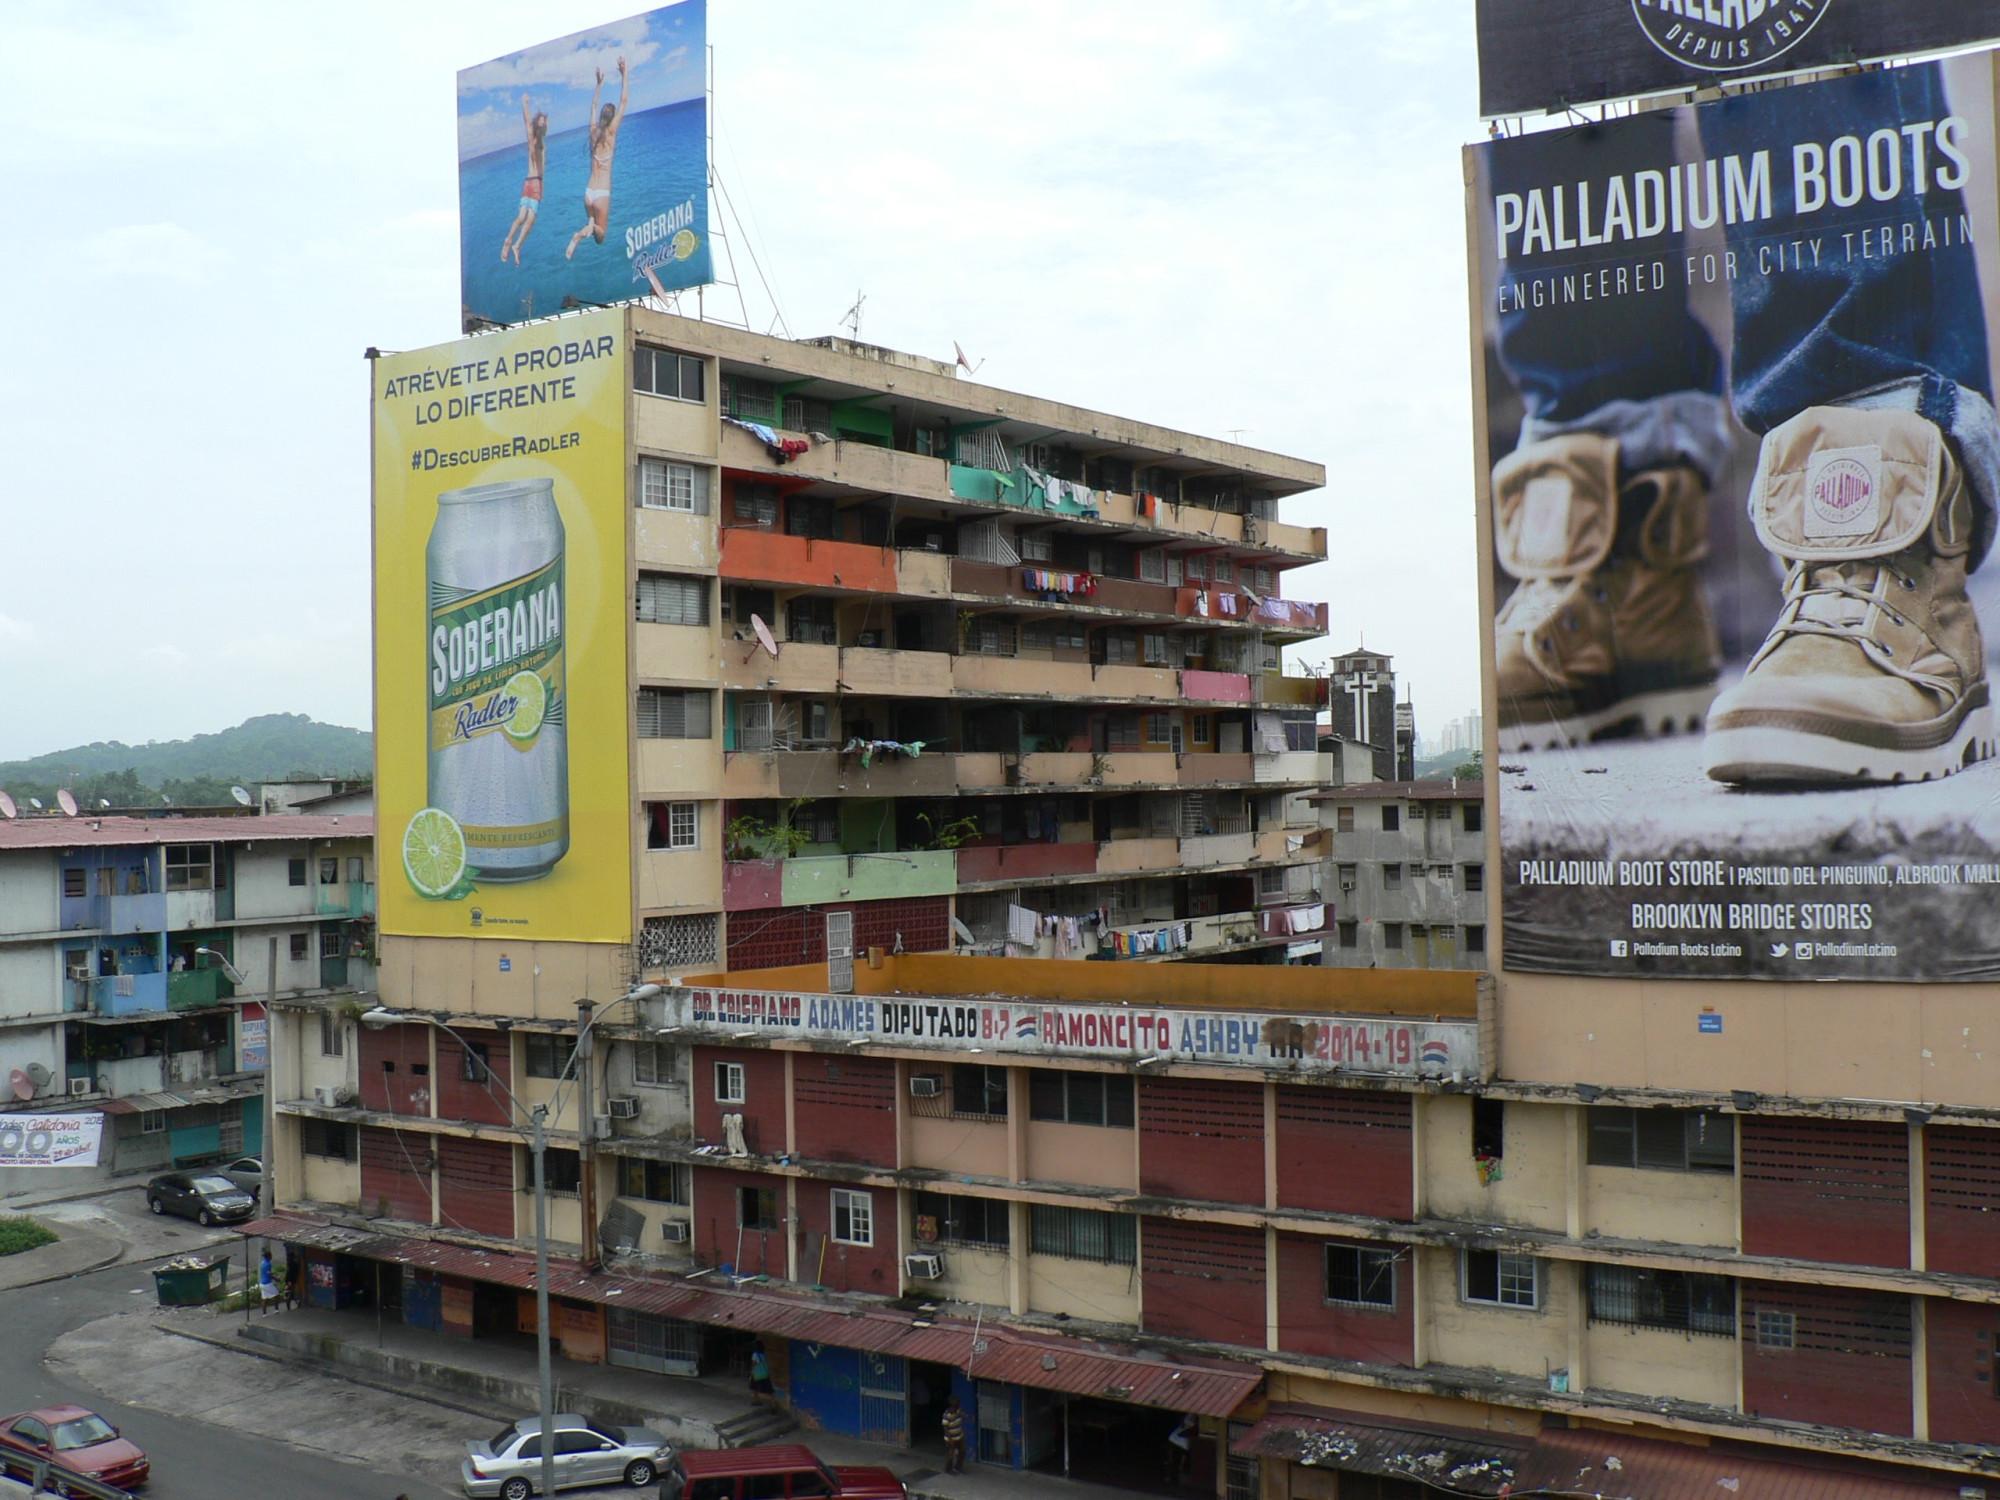 Панама. Зато билборды!